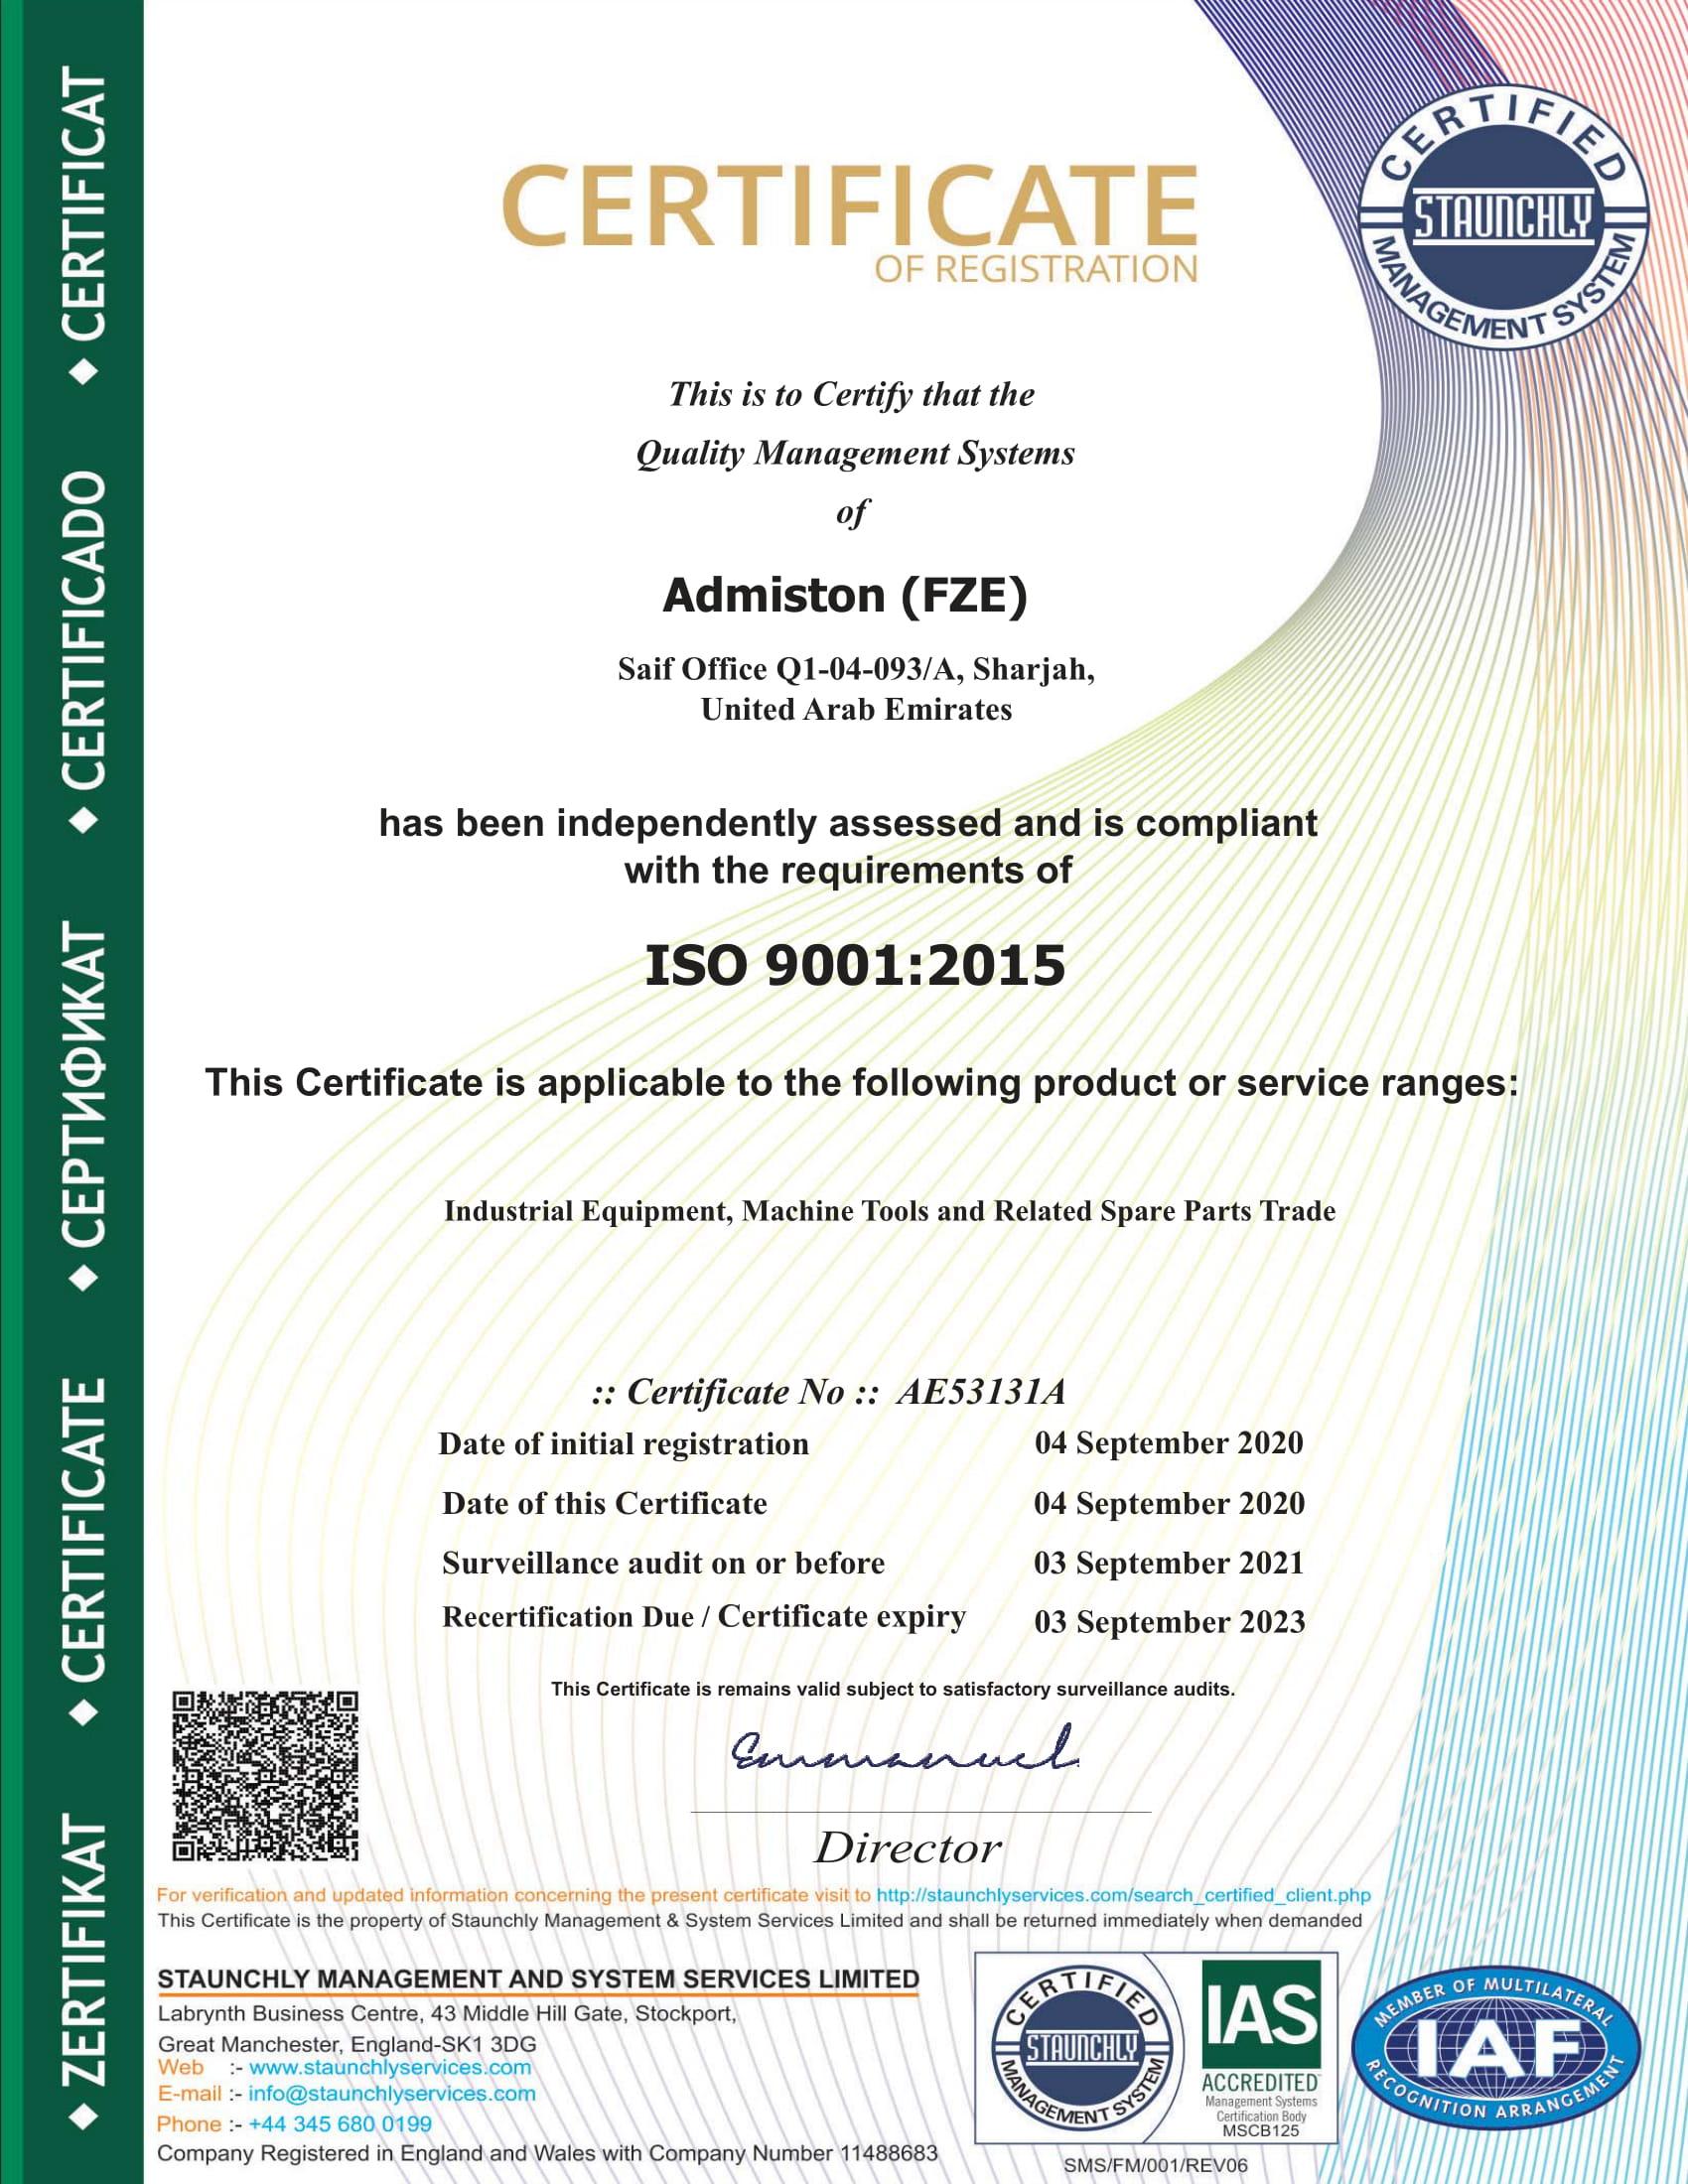 AE53131A Admiston (FZE) 9K SM..-1